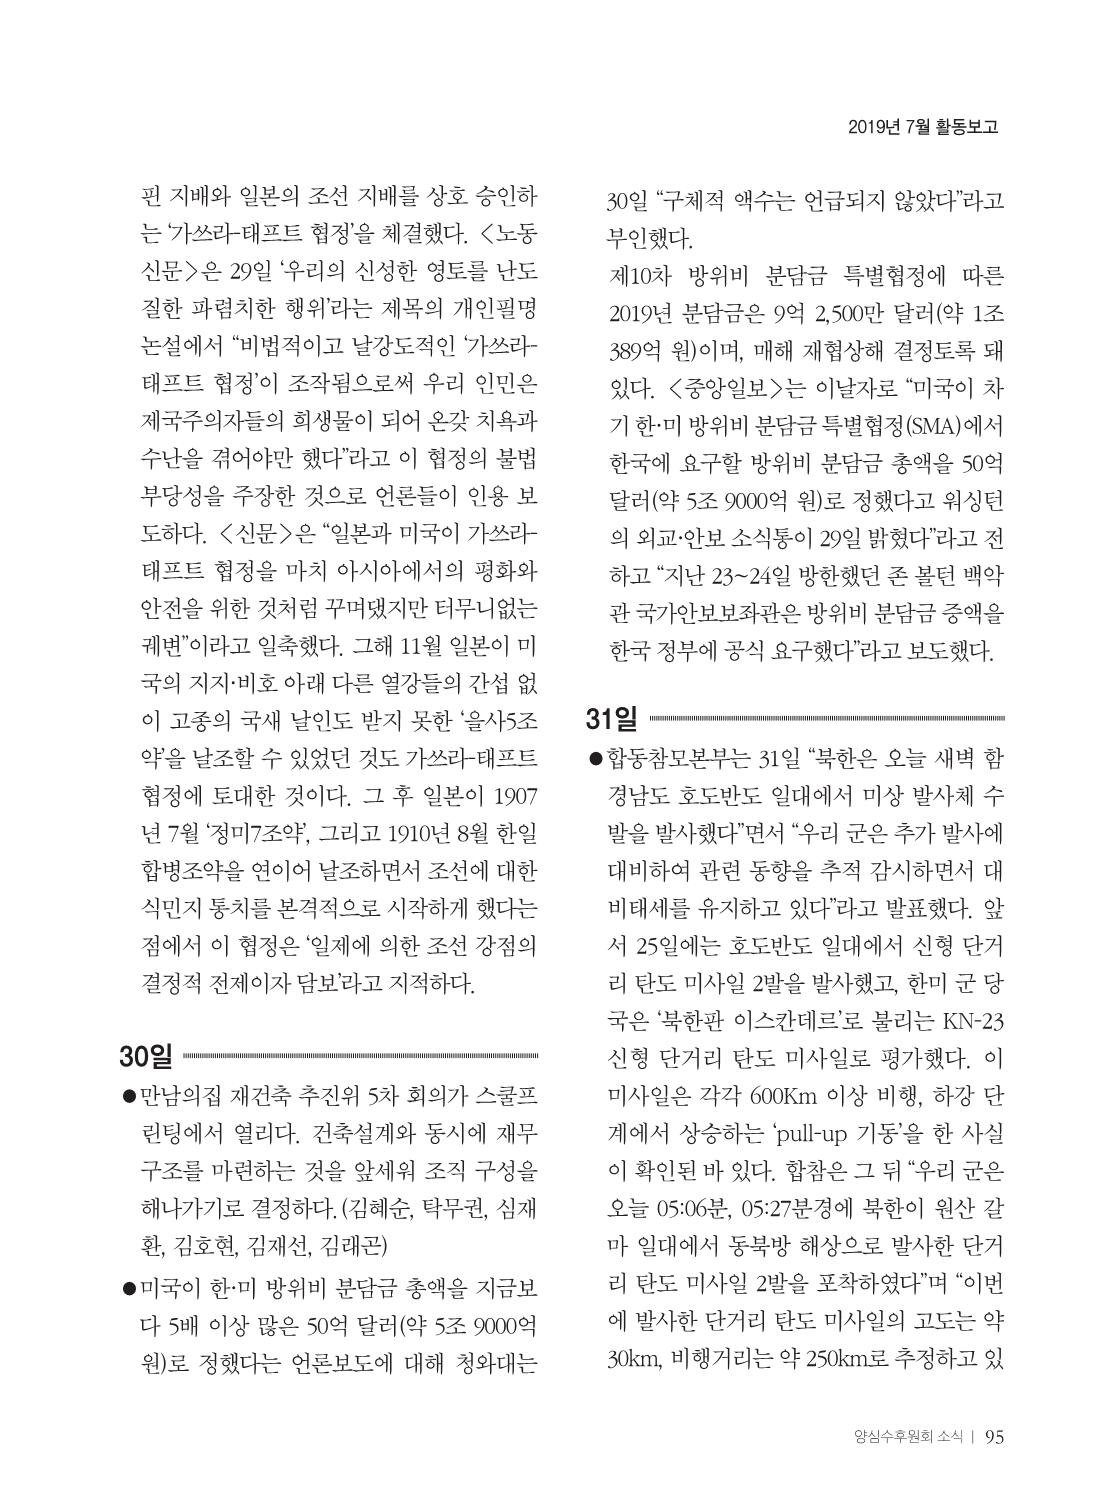 e6977657-dbeb-4761-8f85-947ee75f2b20.pdf-0097.jpg